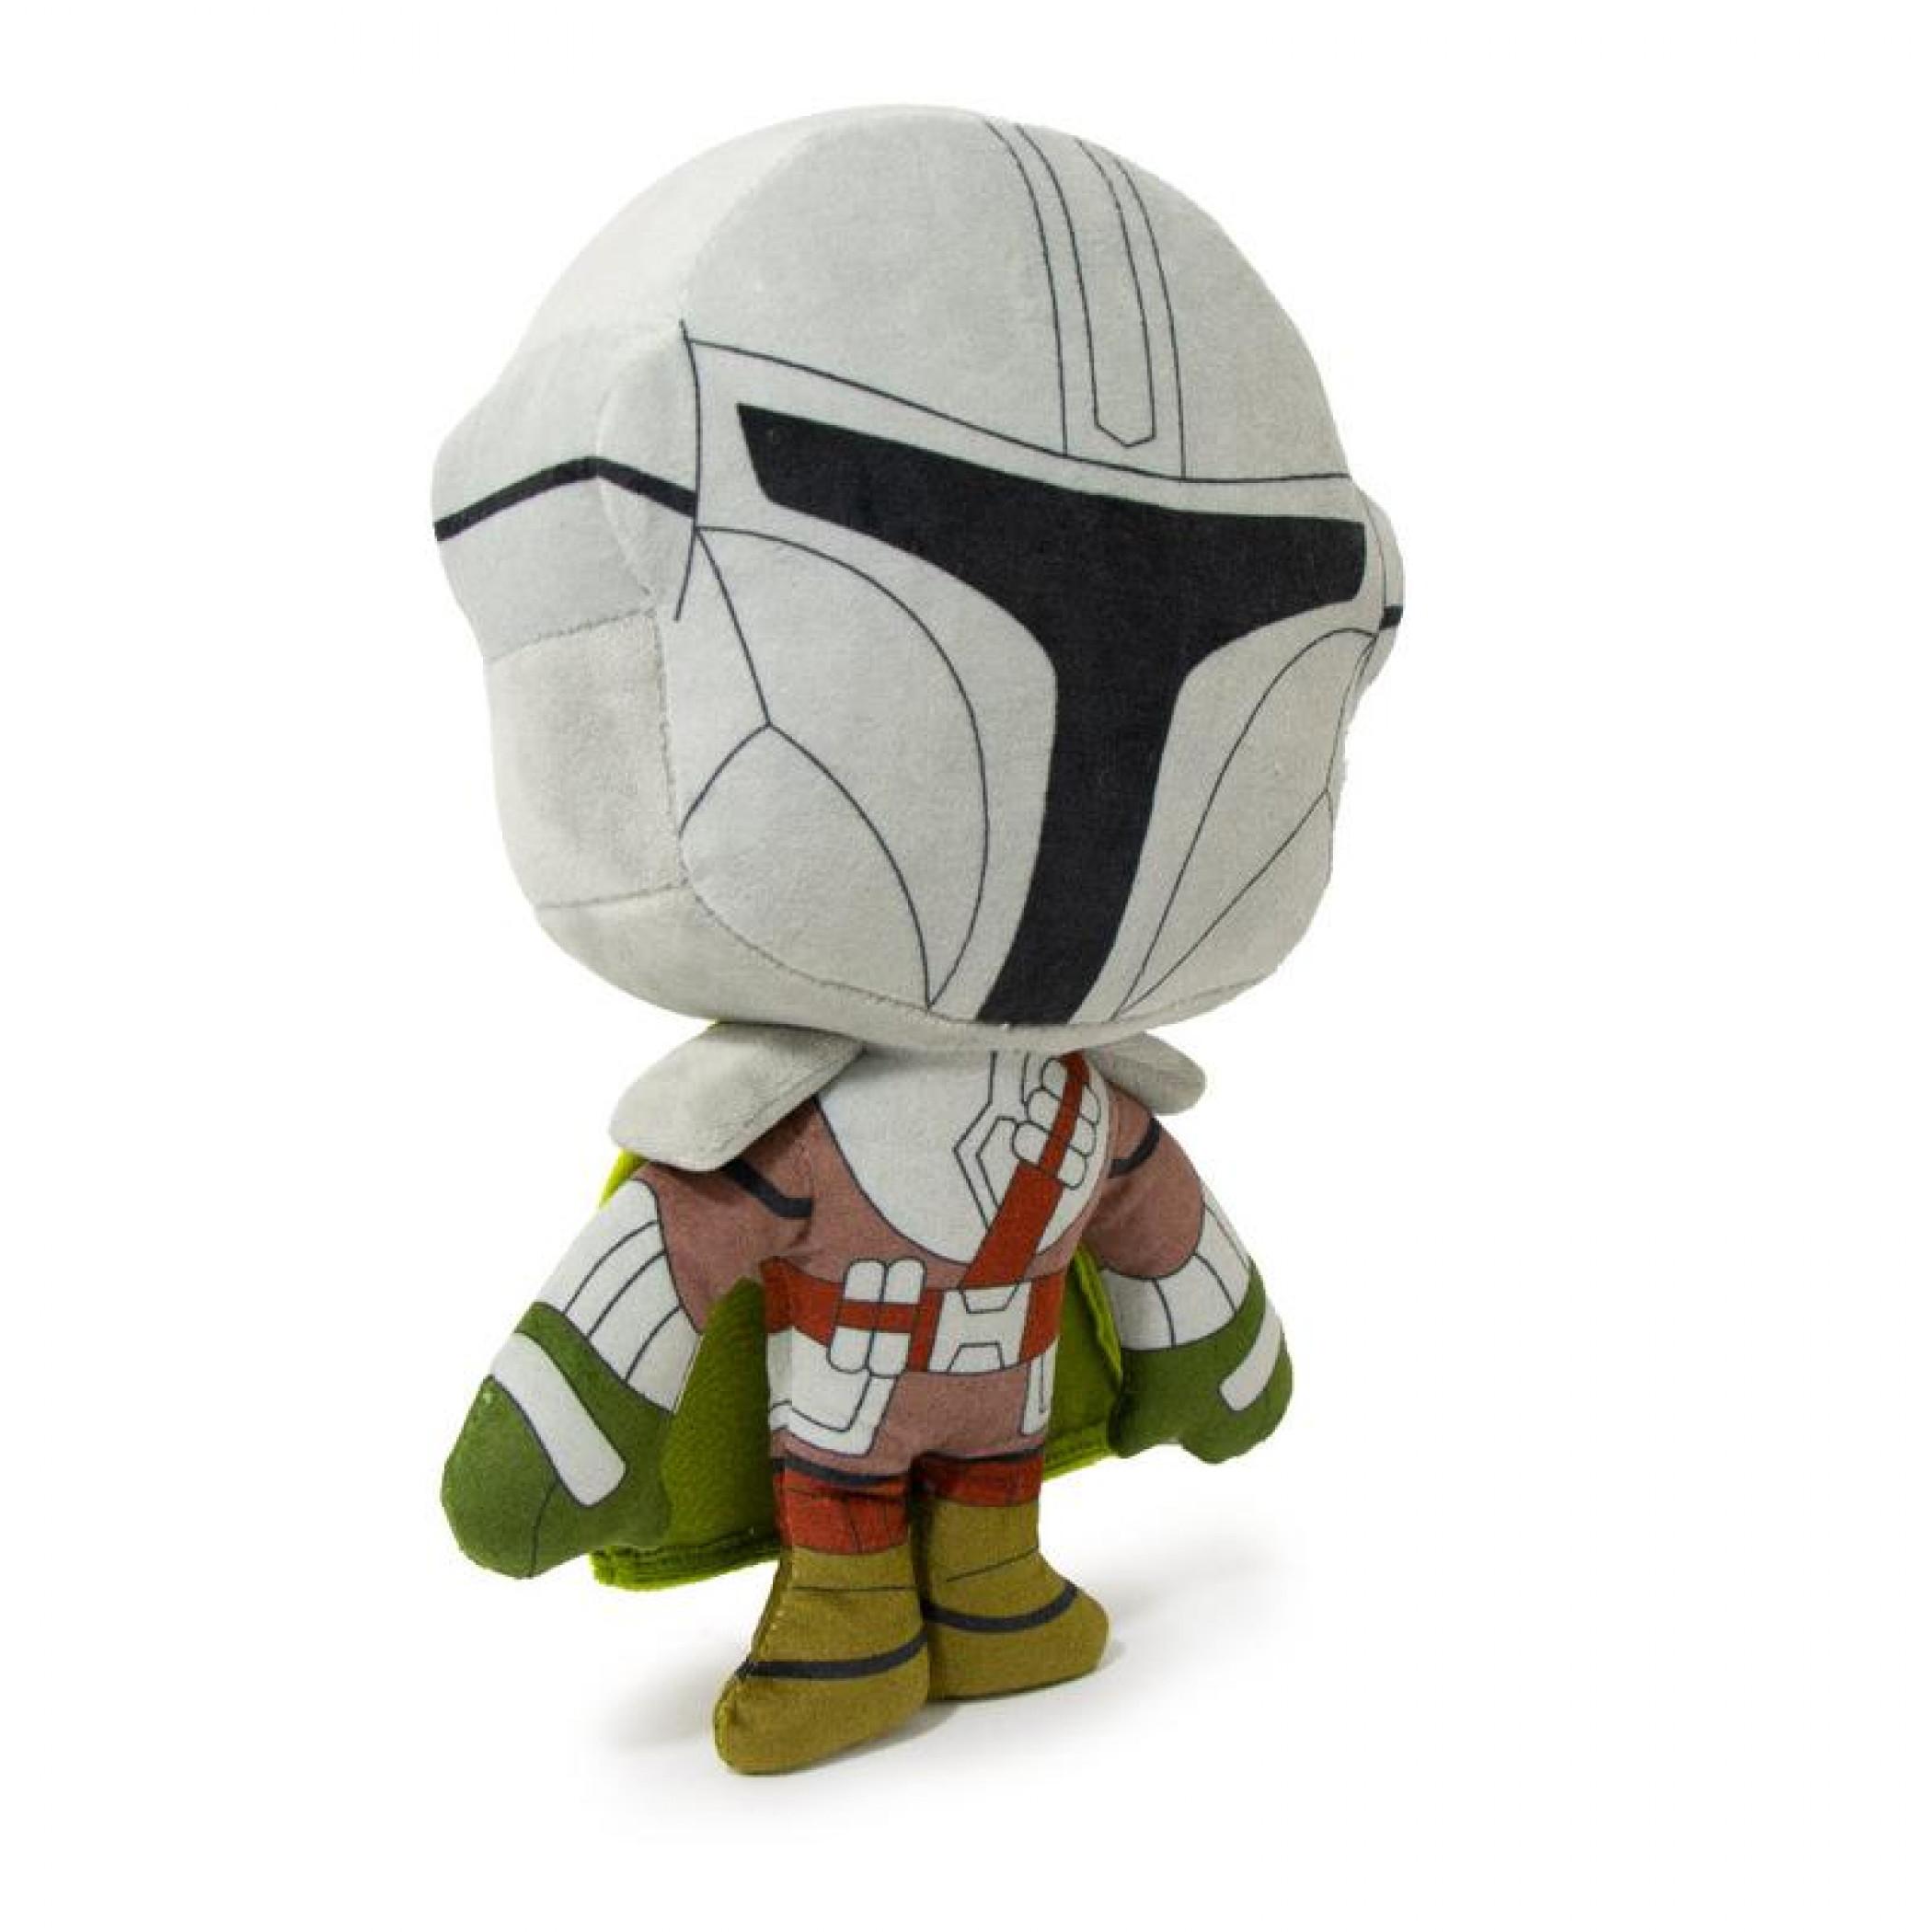 Star Wars Mandalorian Standing Pose Plush Squeaky Dog Toy